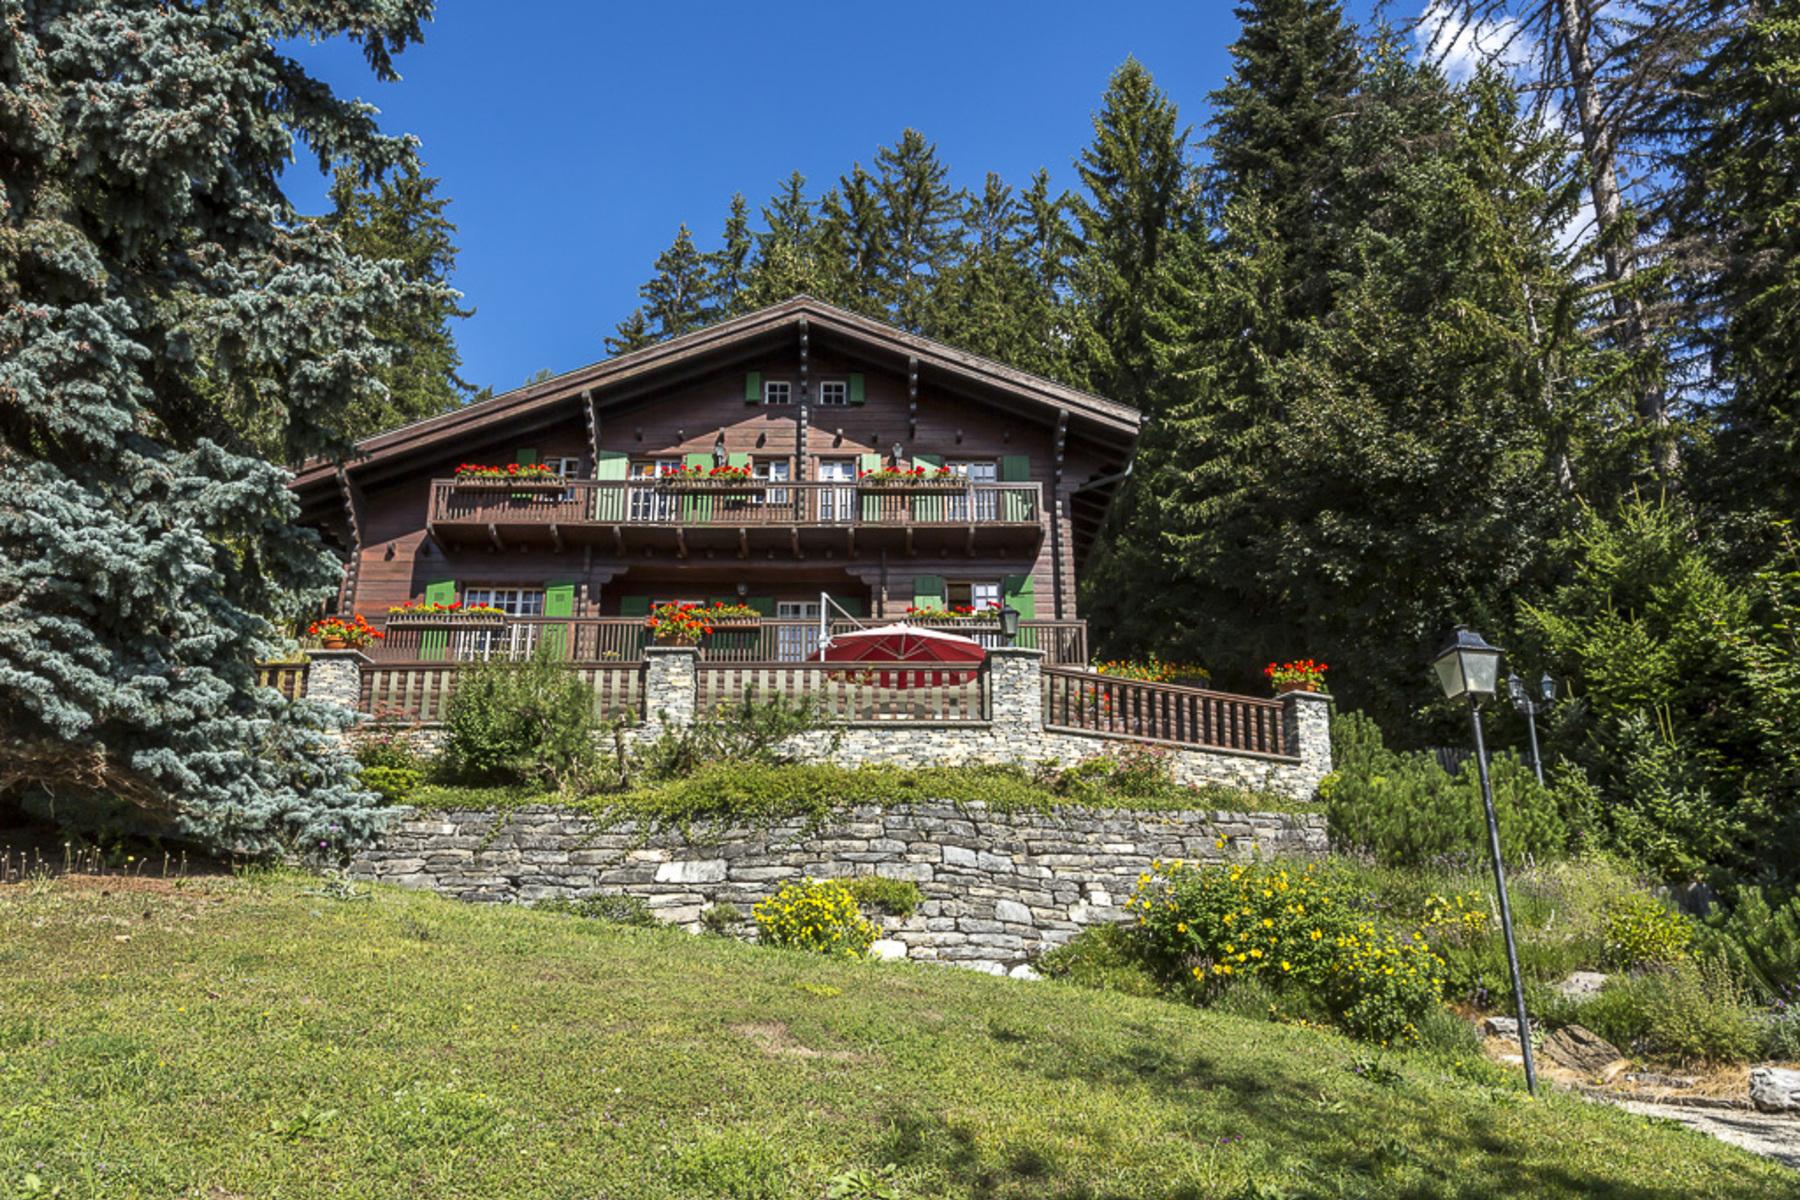 Casa para uma família para Venda às Very rare chalet, Route du Rawyl, Crans-Montana Crans, Valais, 3963 Suíça